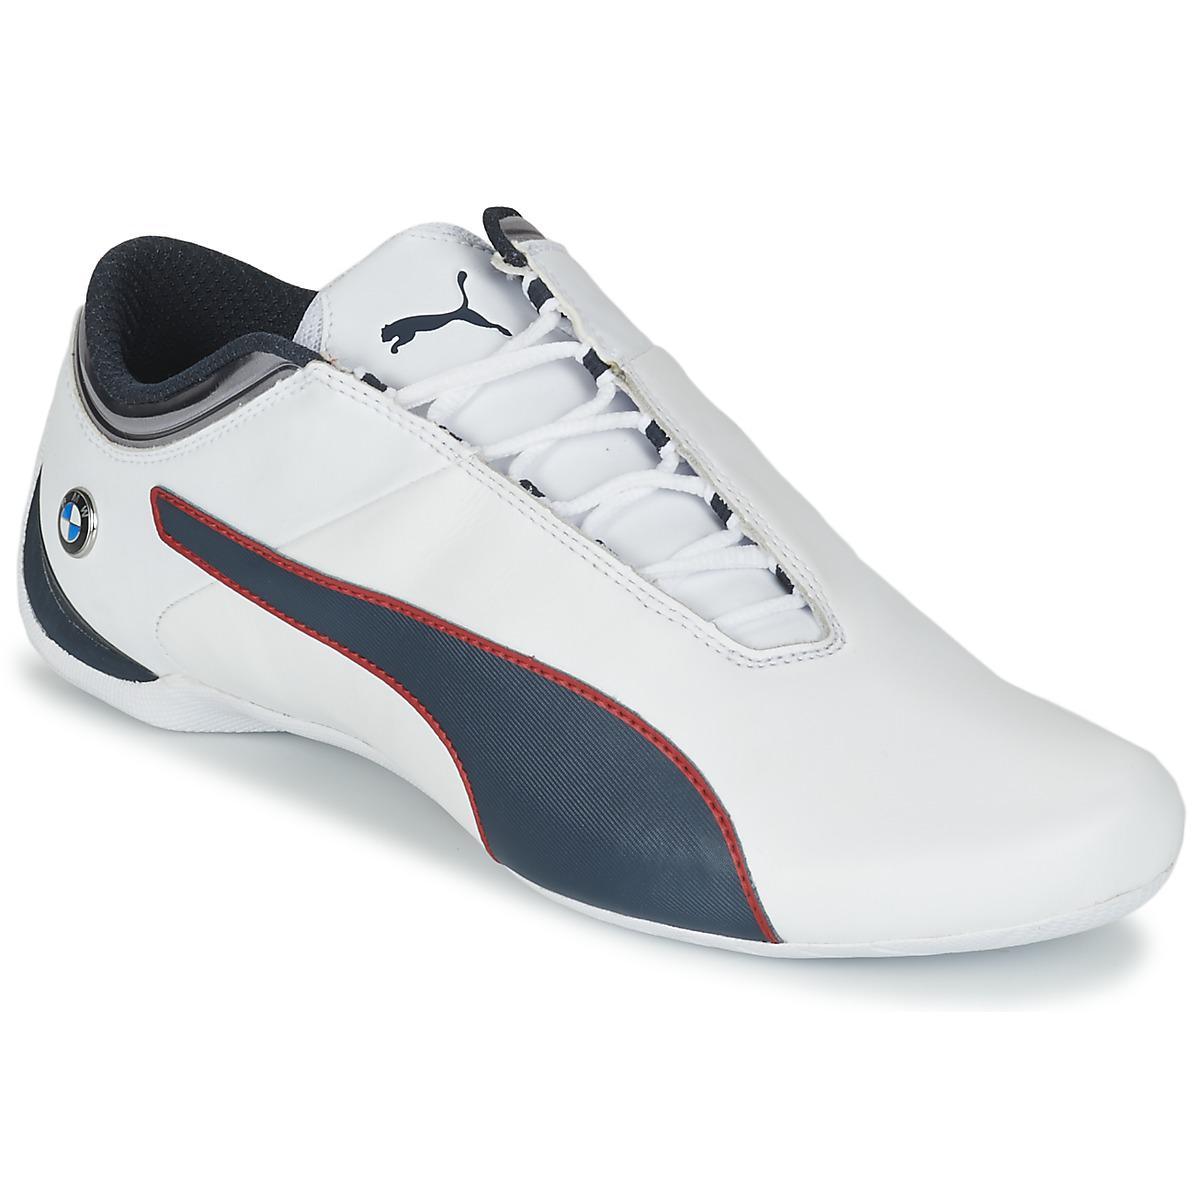 27a571222443 Puma Bmw Ms Future Cat Mu Men s Shoes (trainers) In White in White ...